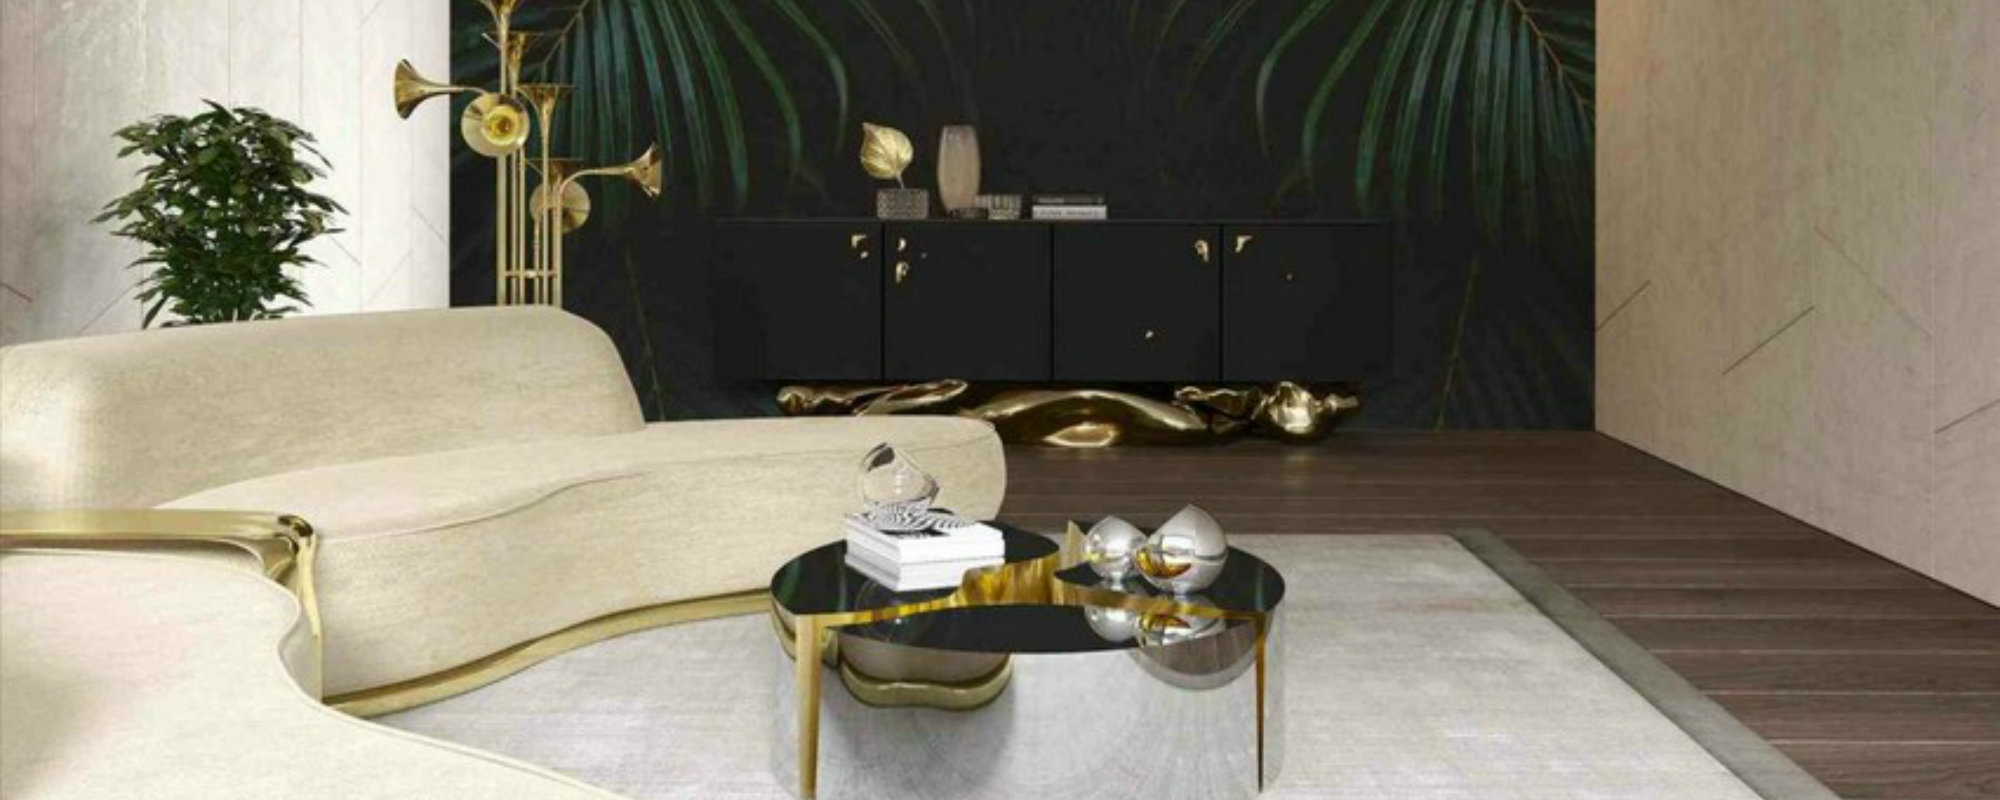 Maison et Objet 2020: Una seleción de diseño de interiores lujuosa y estupenda maison et objet Maison et Objet 2020: Una seleción de diseño de interiores lujuosa y estupenda Featured 7